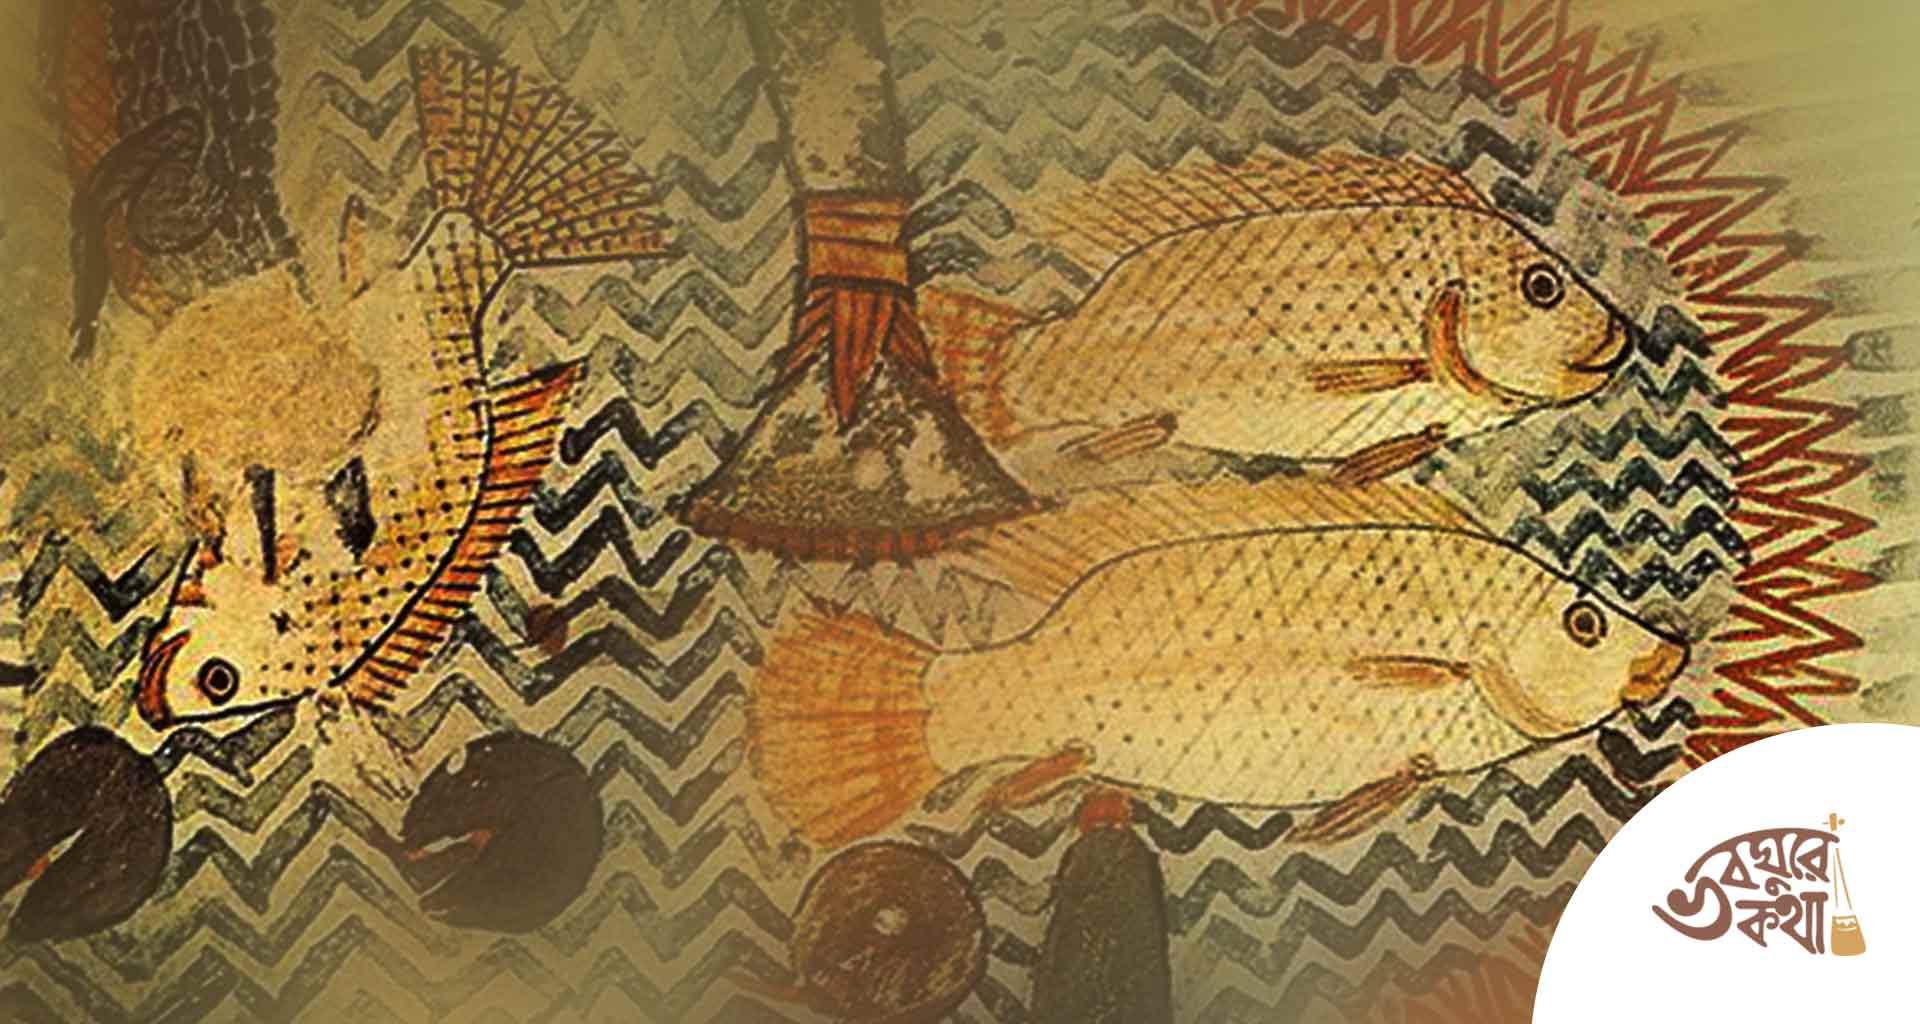 যখন ইউনুস নবীরে খাইলো মাছেতে গিলিয়া